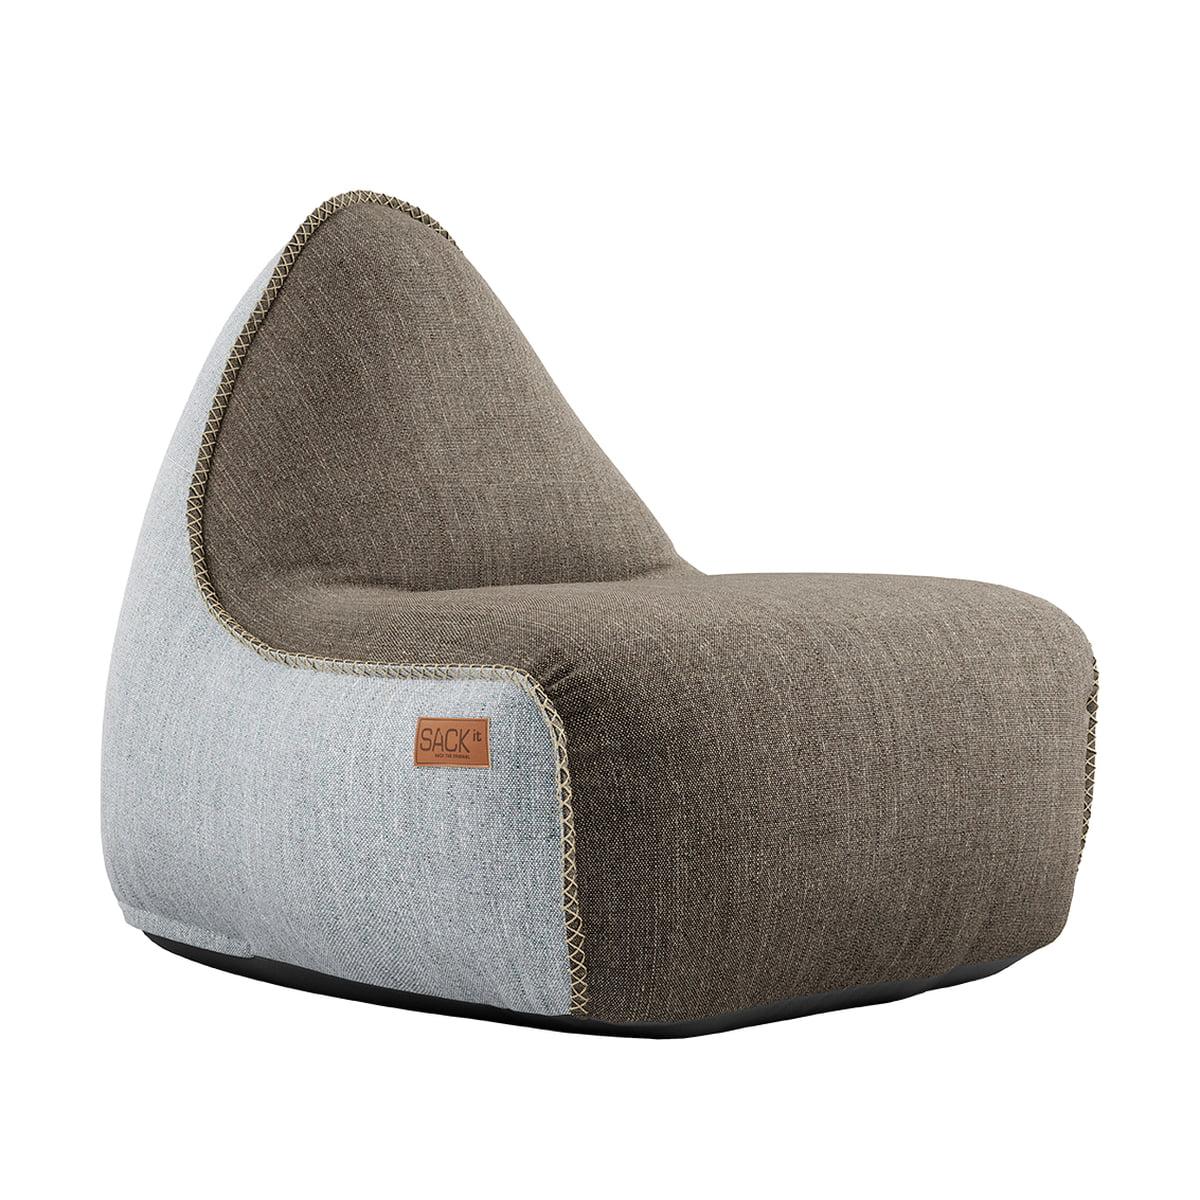 SACK it ApS SACK it - RETRO it Outdoor Sitzsack, braun / weiß | Garten > Gartenmöbel > Outdoor-Sitzsäcke | Verschiedene farben | SACK it ApS